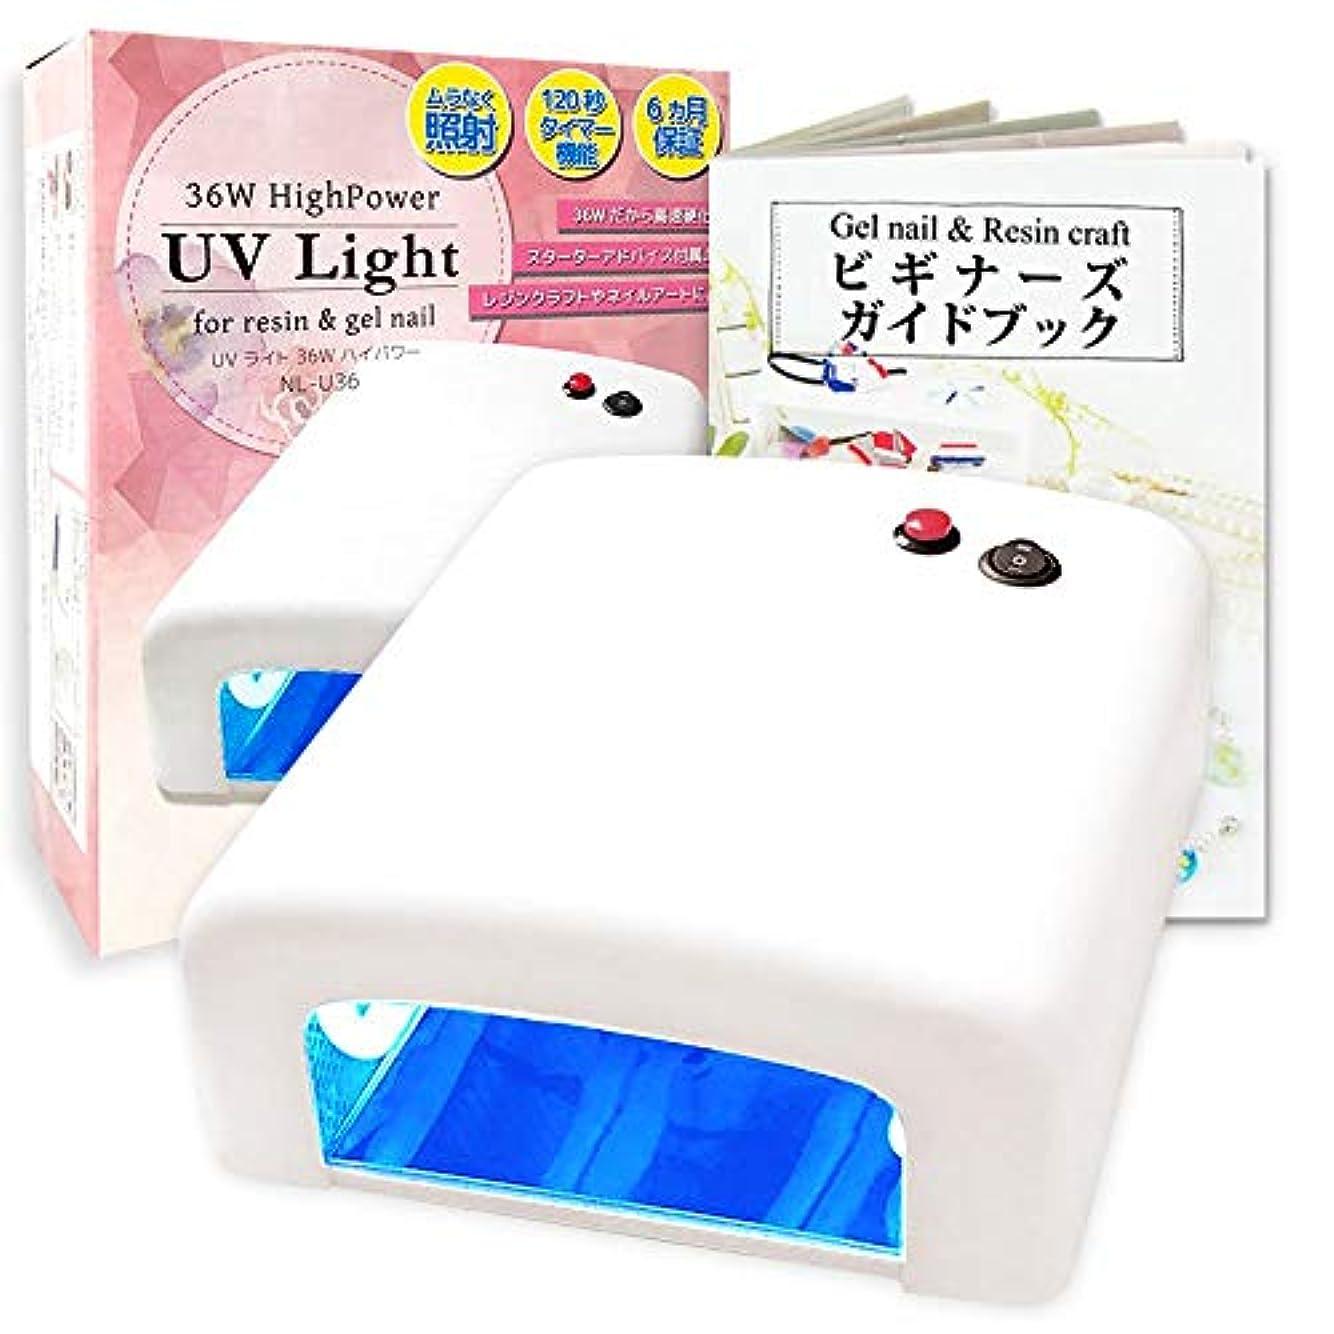 ひもピクニック湿度NAILIO 36W UVライト  初心者でもジェルネイルとレジンクラフトができるテキストセット【日本正規品6か月保証】